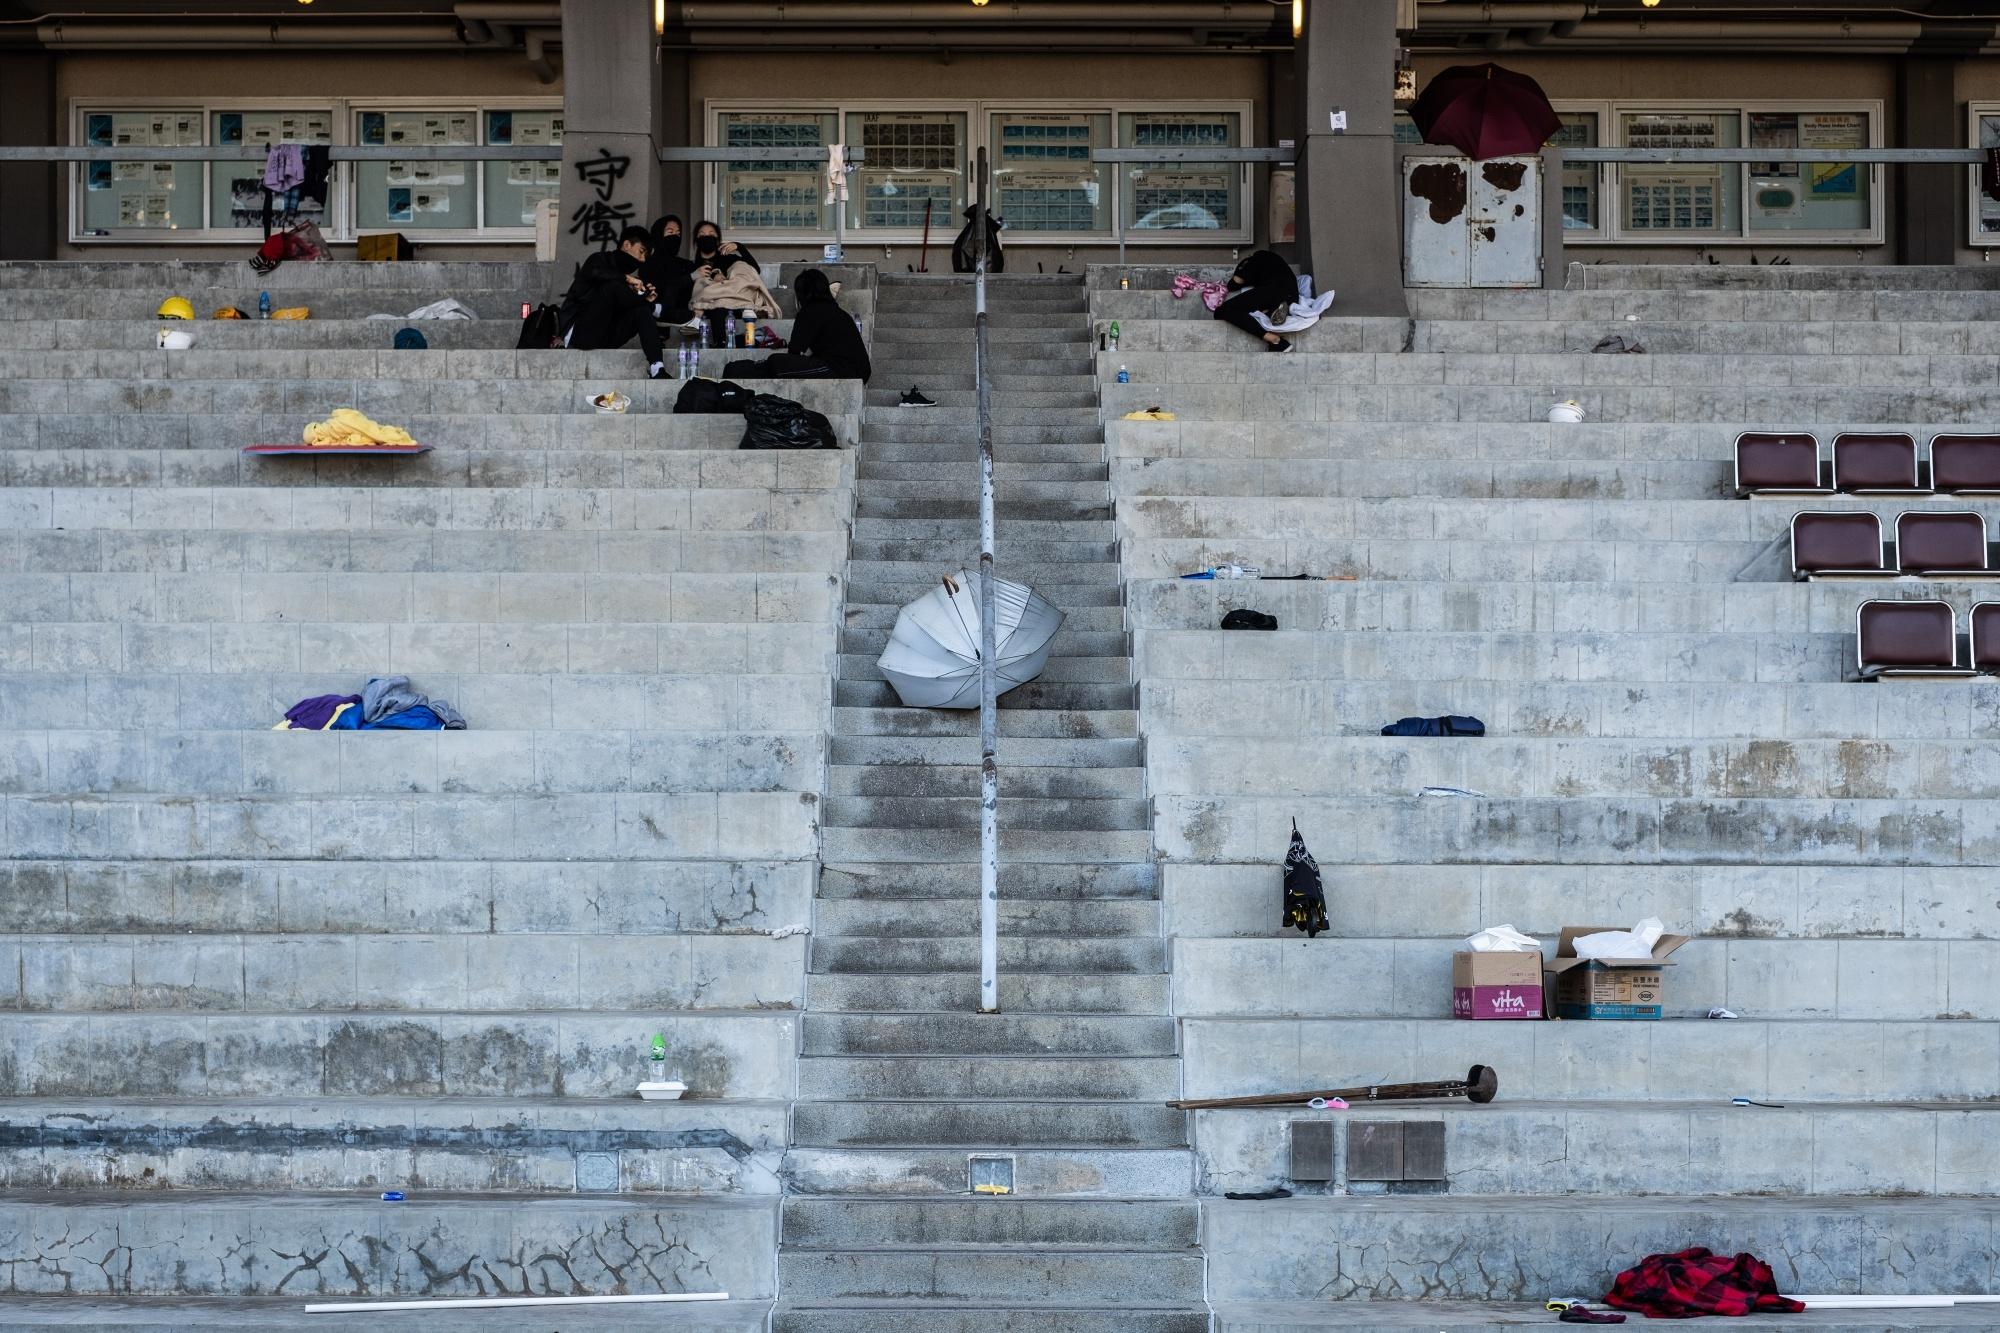 香港経済、09年以来のマイナス成長へ-政府が年間見通し引き下げ - Bloomberg